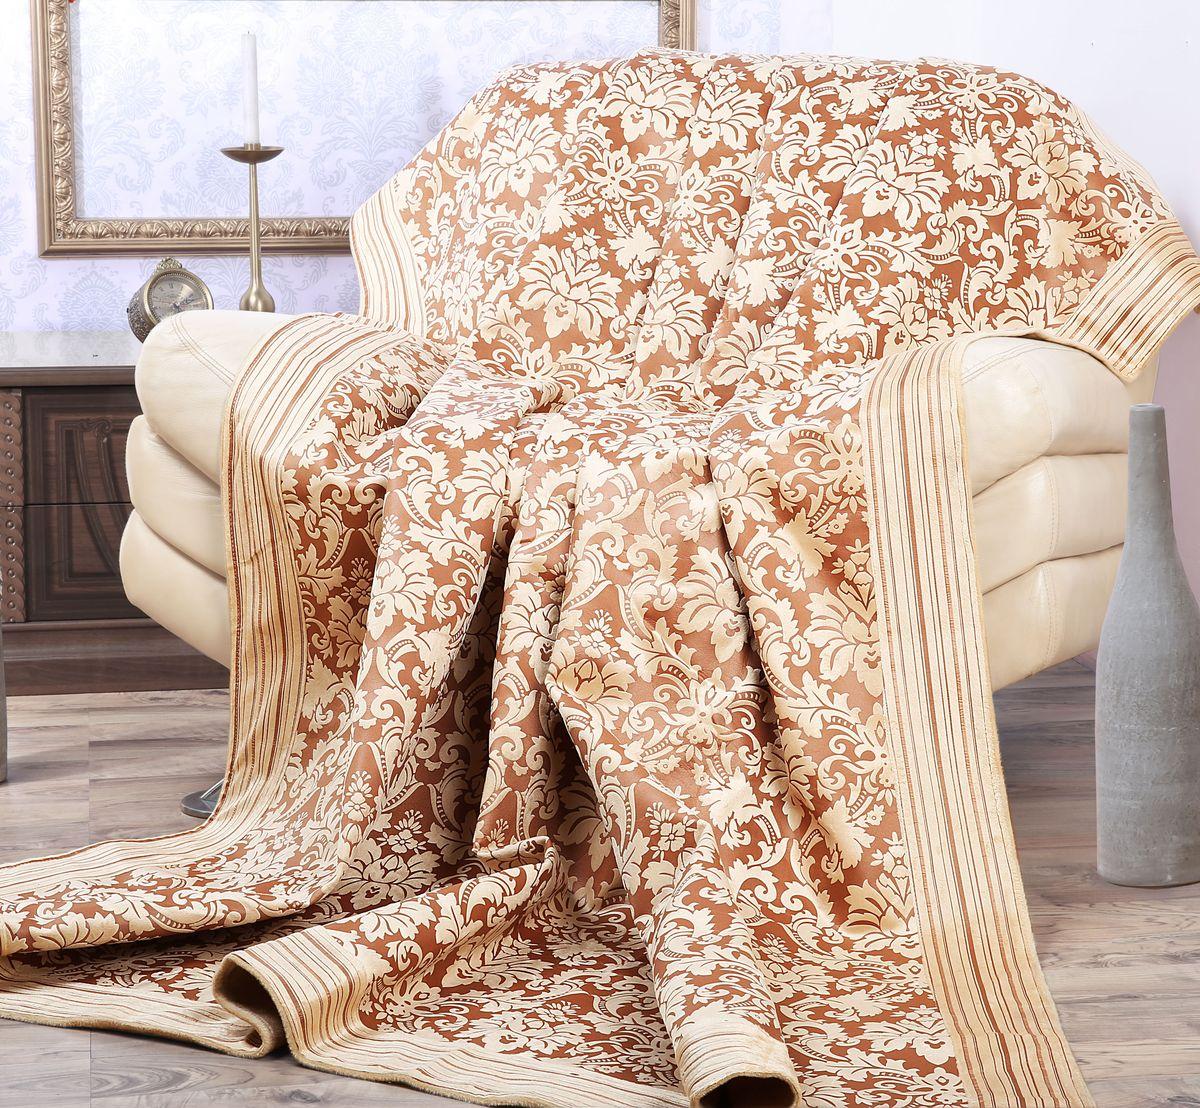 Покрывало Mona Liza Elite Vintage, цвет: бежевый, коричневый, 200 см х 220 см530961/5Роскошное покрывало Mona Liza Elite Vintage из высококачественного полиэстера гармонично впишется в интерьер вашего дома и создаст атмосферу уюта и комфорта. Такое покрывало согреет в прохладную погоду и будет превосходно дополнять интерьер вашей спальни. Высочайшее качество материала гарантирует безопасность не только взрослых, но и самых маленьких членов семьи. Небольшой ворс придает покрывалу мягкость и оригинальность. Покрывало может подчеркнуть любой стиль интерьера, задать ему нужный тон - от игривого до ностальгического. Покрывало - это такой подарок, который будет всегда актуален, особенно для ваших родных и близких, ведь вы дарите им частичку своего тепла! Покрывала серии Mona Liza Elite выполнены из шенилловой ткани деворе - при выжигании части волокон образуется характерный рельефный рисунок.